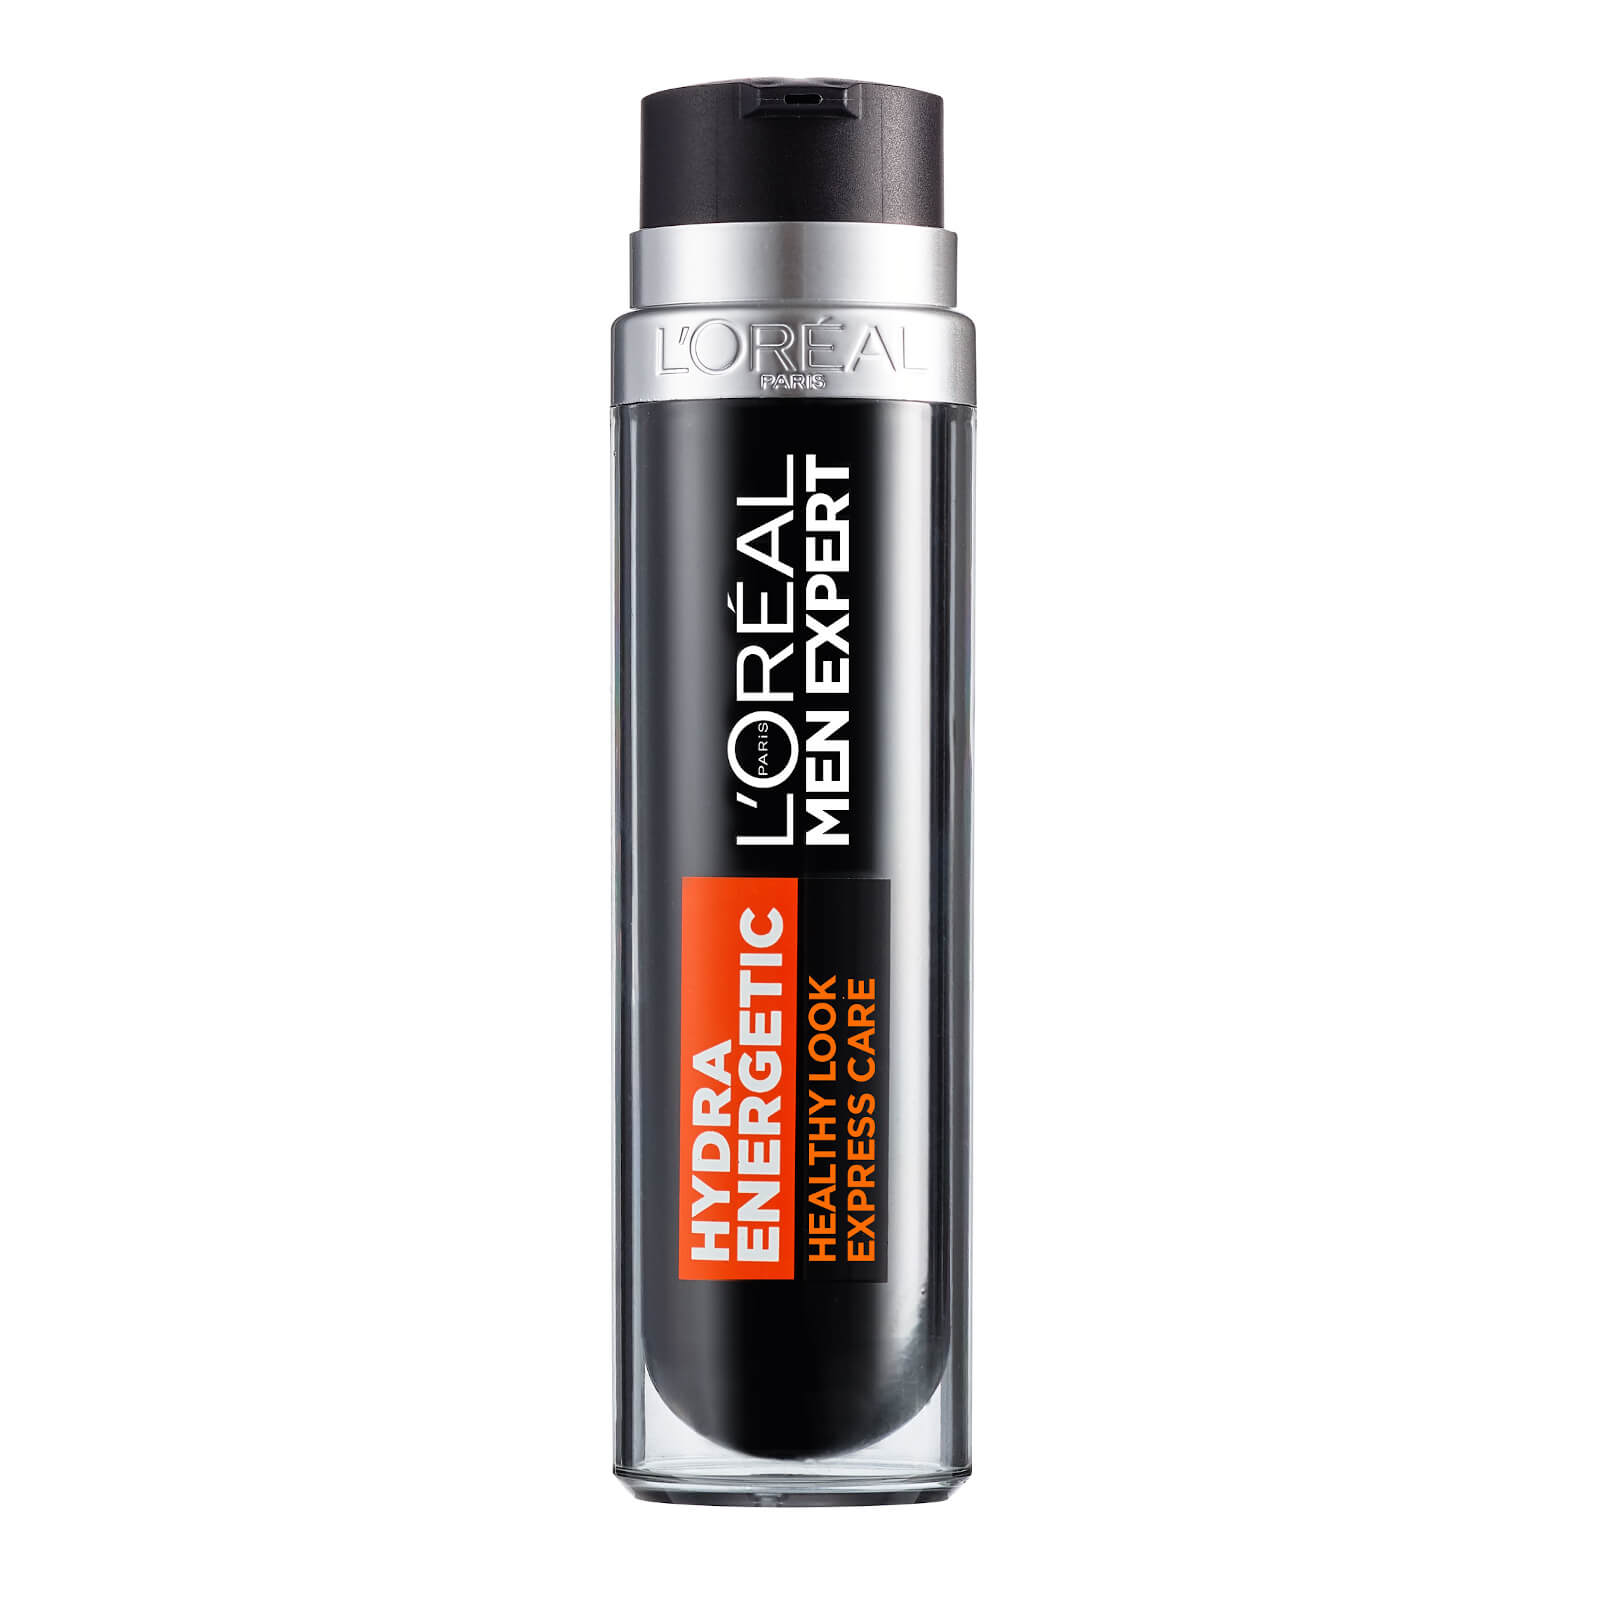 l'oreal men expert hydra energetic healthy look tinted gel (50ml)